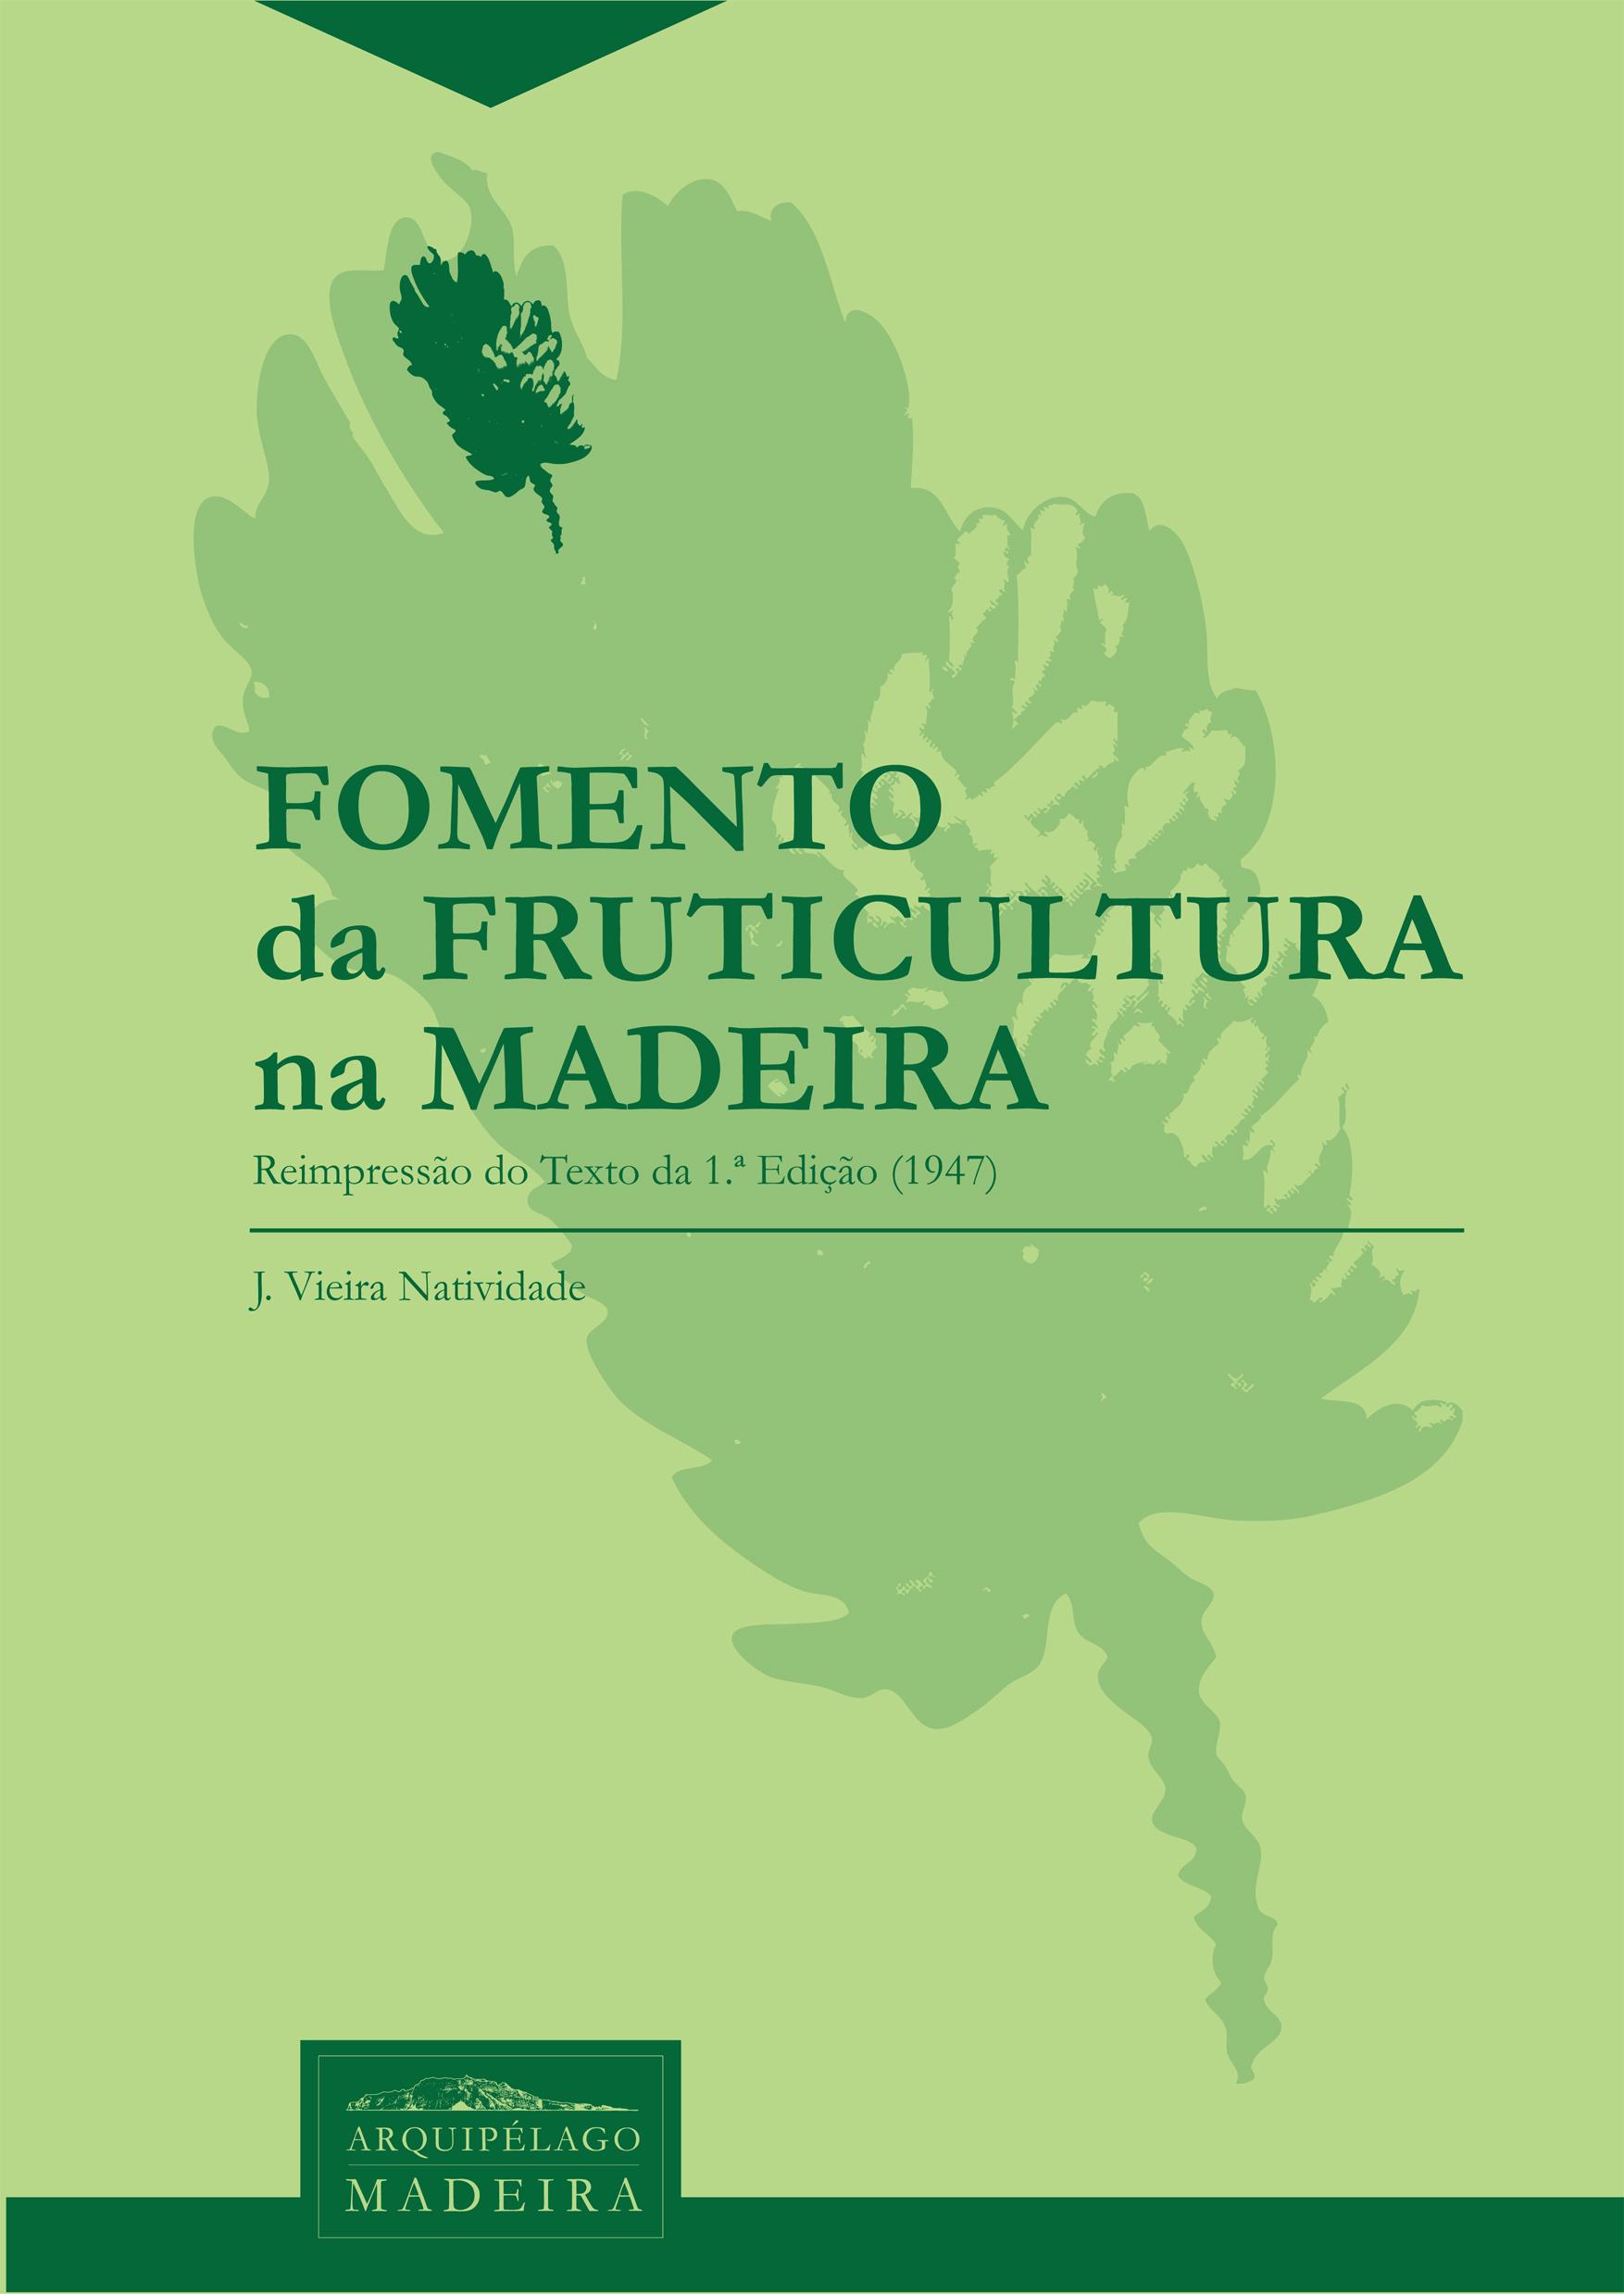 Fomento da Fruticultura na Madeira, de Joaquim Vieira Natividade